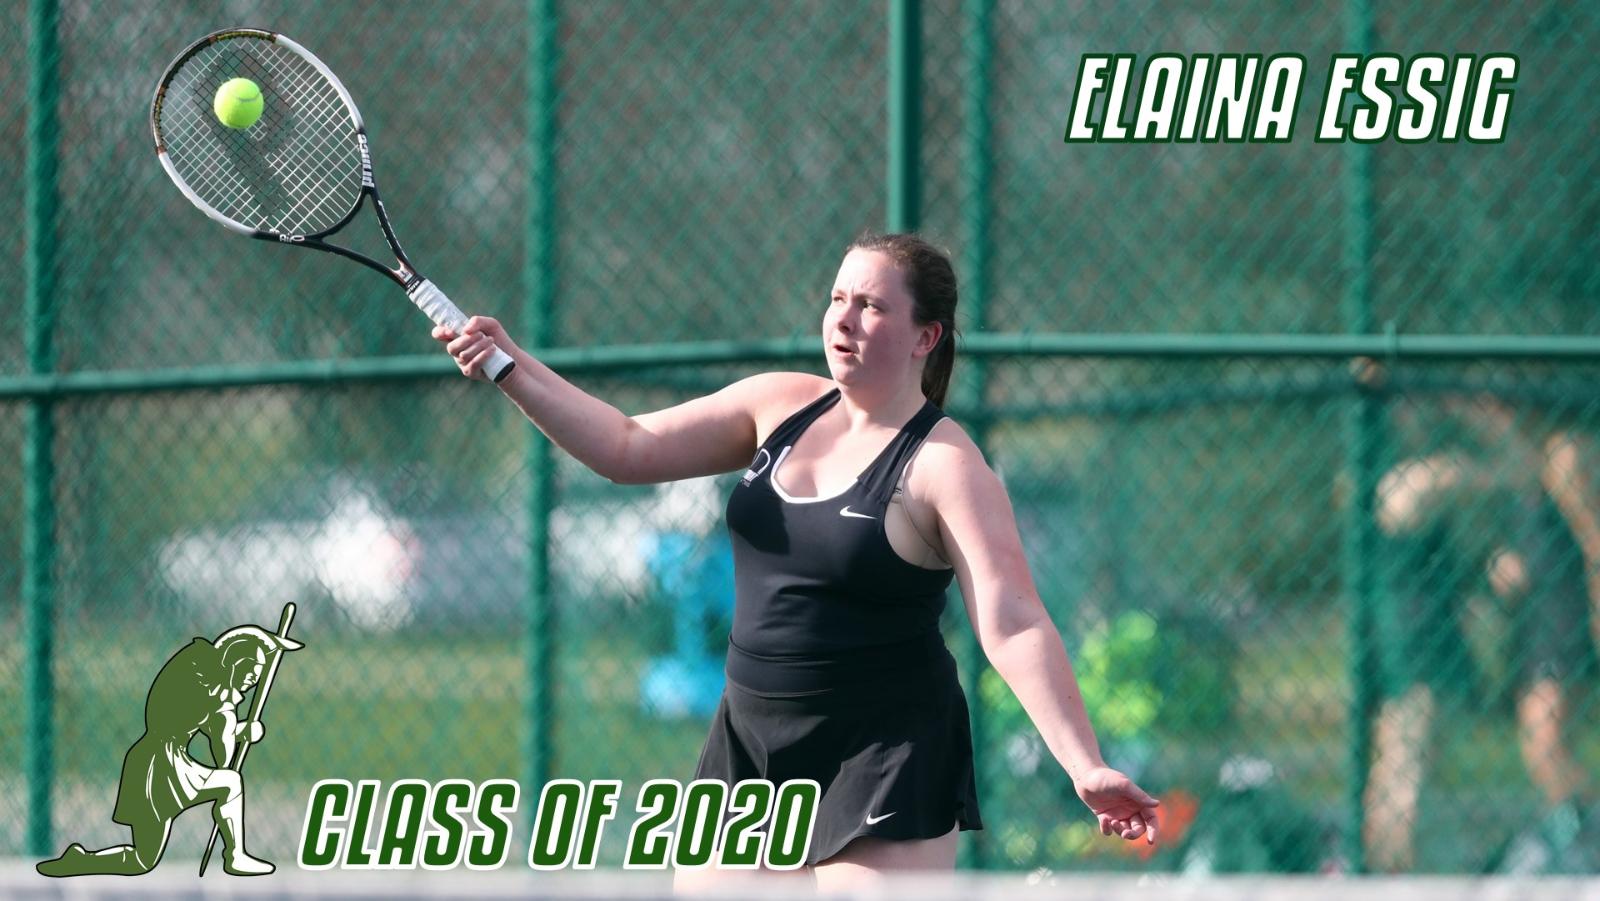 Spring Sports Senior Spotlight: Elaina Essig